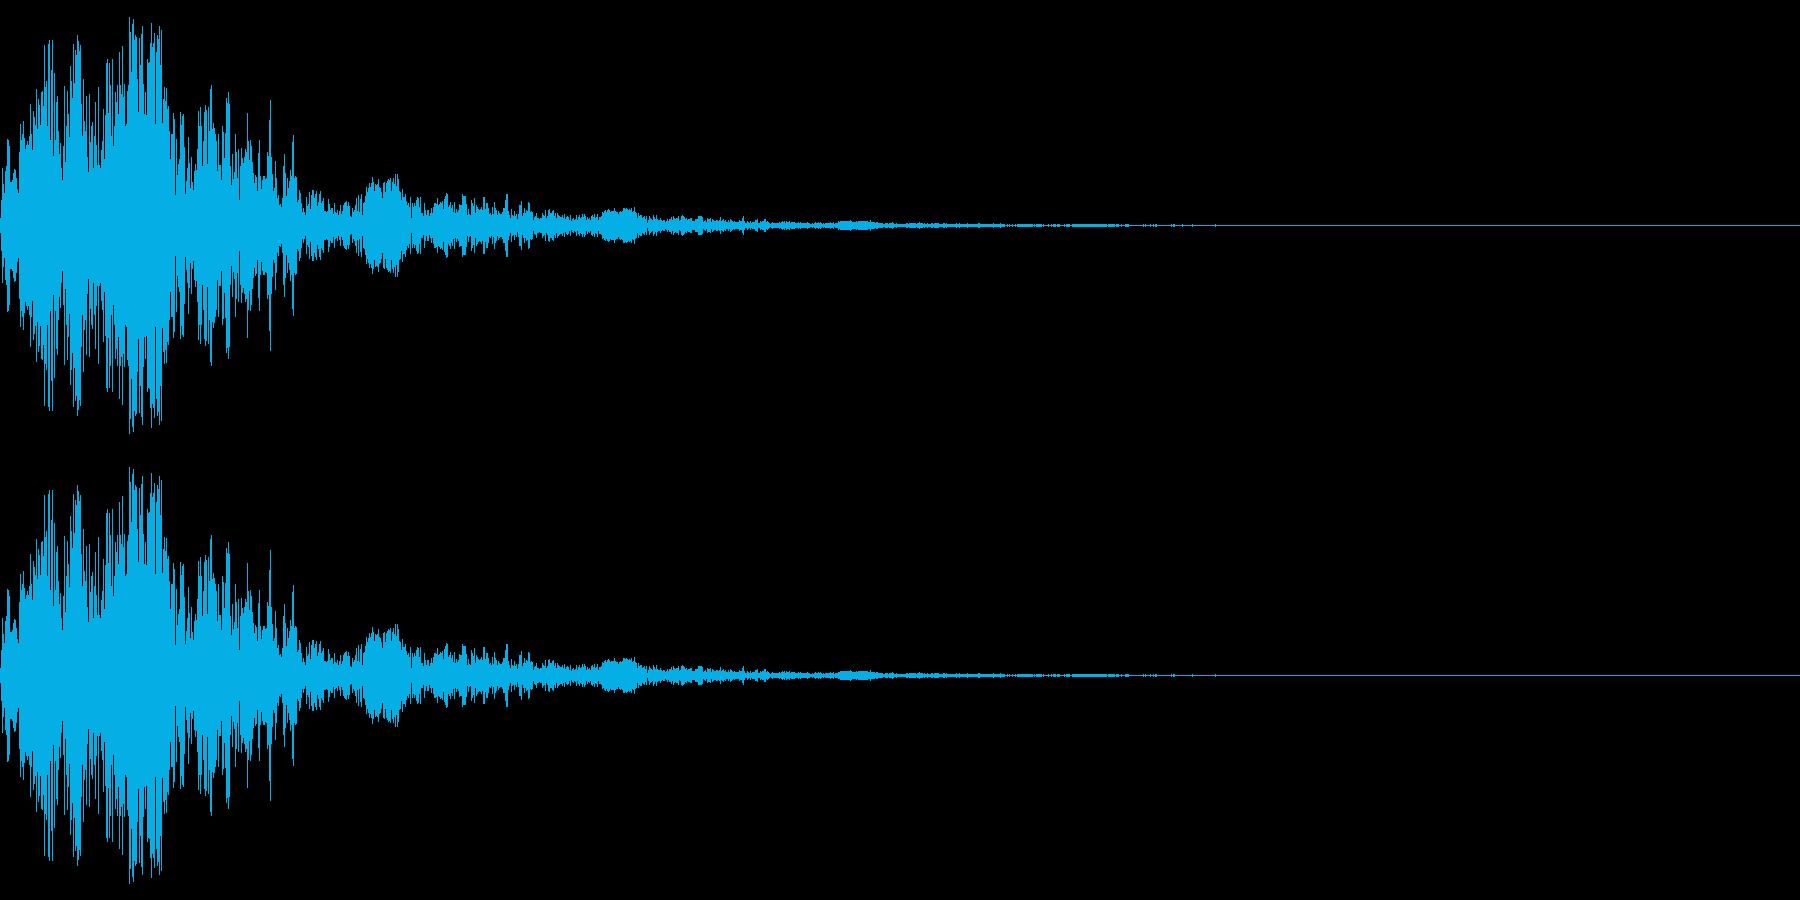 アニメにありそうなエネルギー弾(ポッ)の再生済みの波形